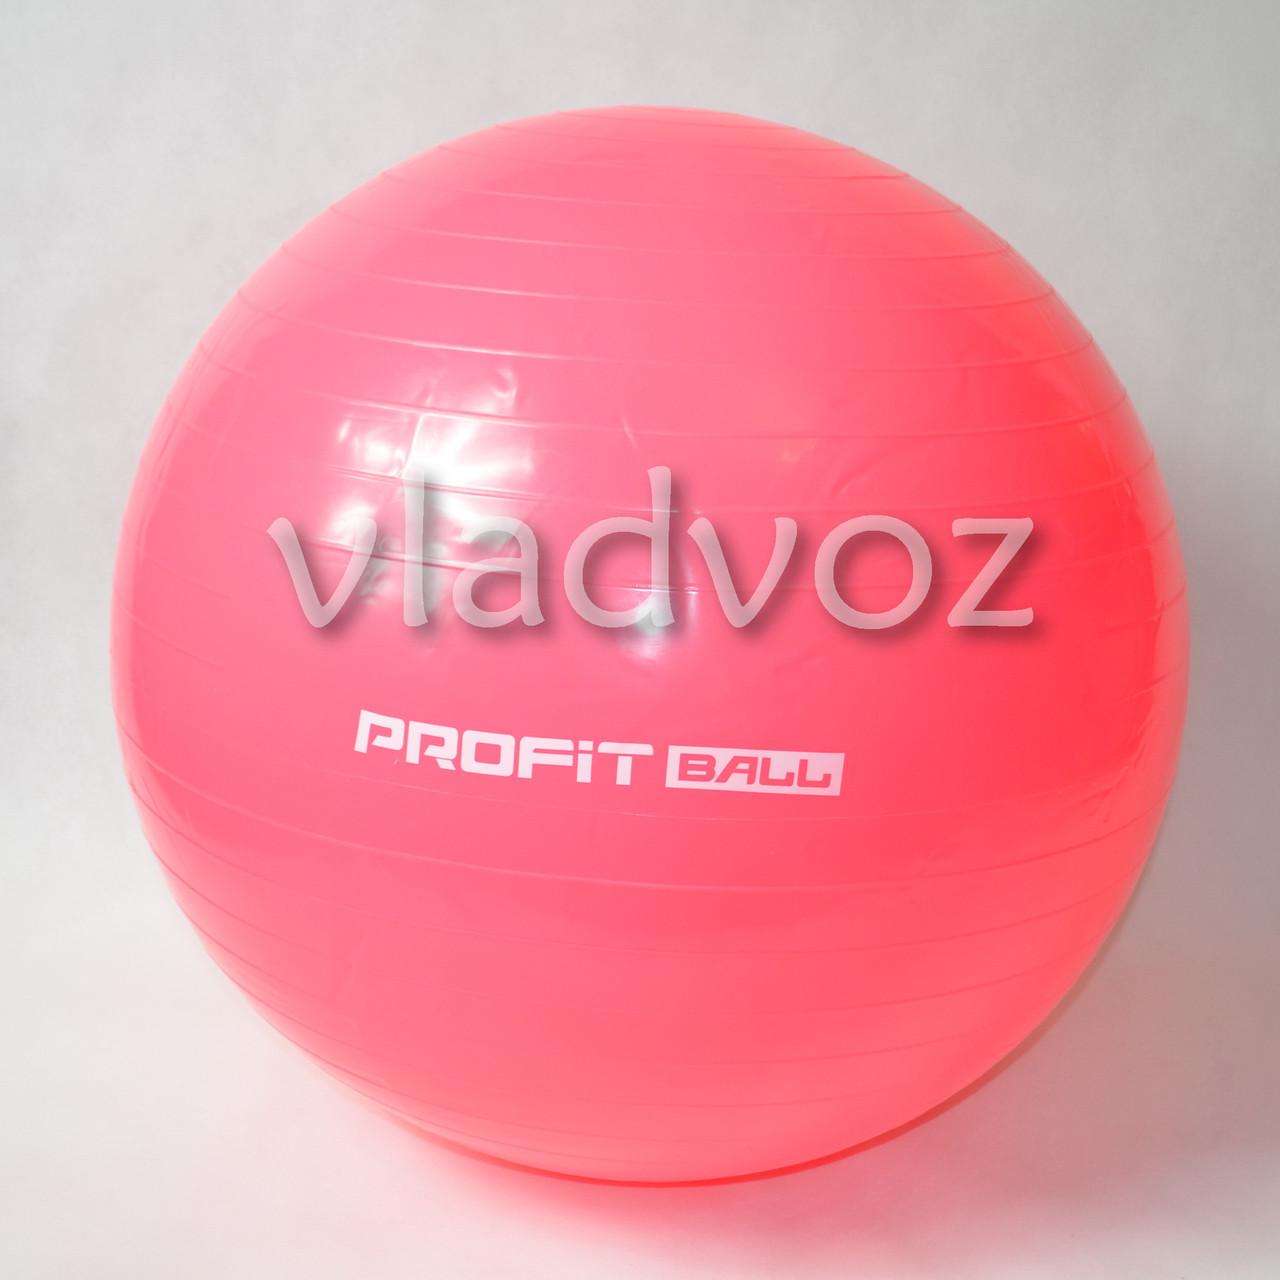 Мяч для фитнеса шар фитбол гимнастический для гимнастики беременных грудничков 85 см 1350 г розовый